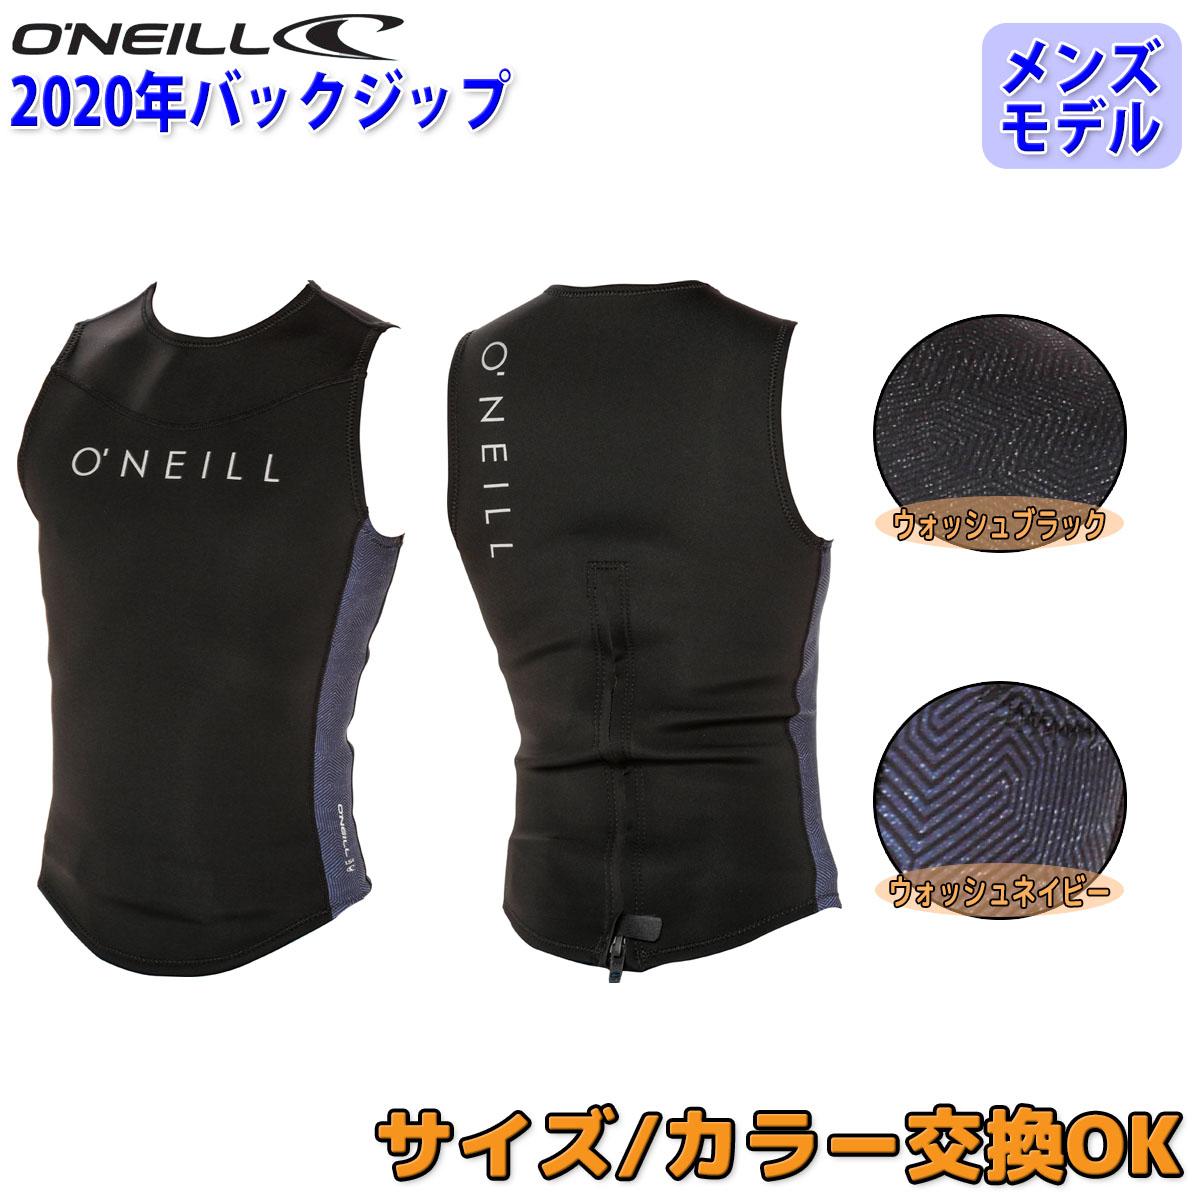 20 O'NEILL オニール ベスト ウェットスーツ ウエットスーツ バックジップ バックジッパー バリュー 春夏用 メンズモデル 2020年 SUPERFREAK スーパーフリーク品番 WF-7070 日本正規品